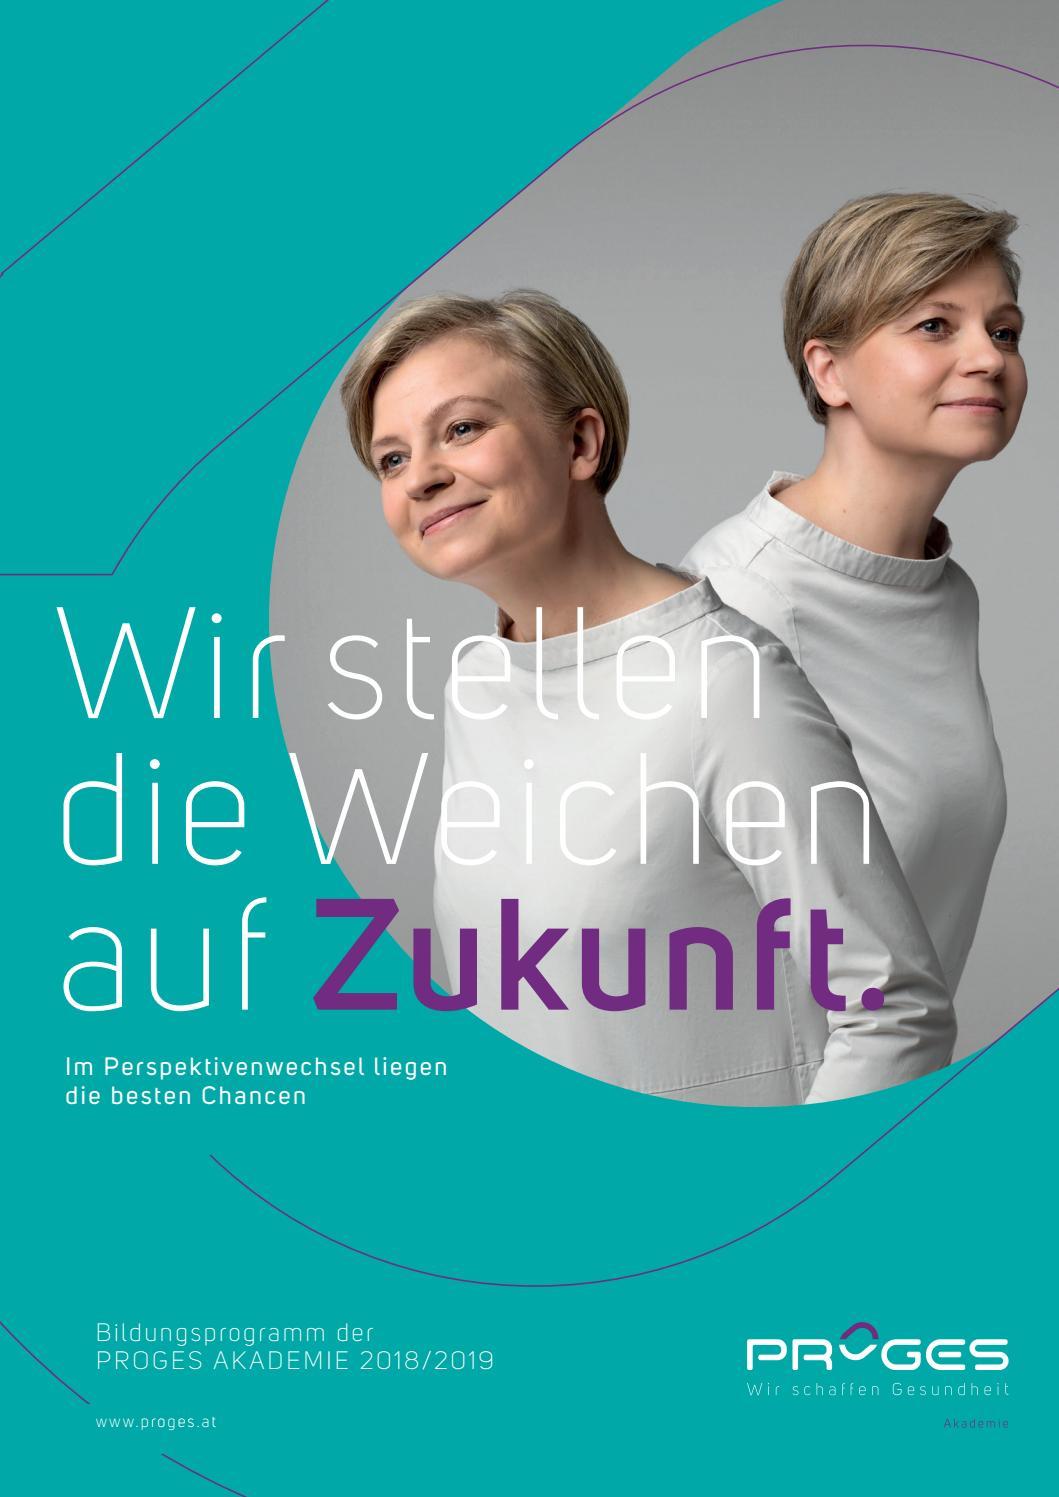 PROGES Bildungsprogramm 2018/19 Ansicht by PROGES (vormals PGA) - issuu